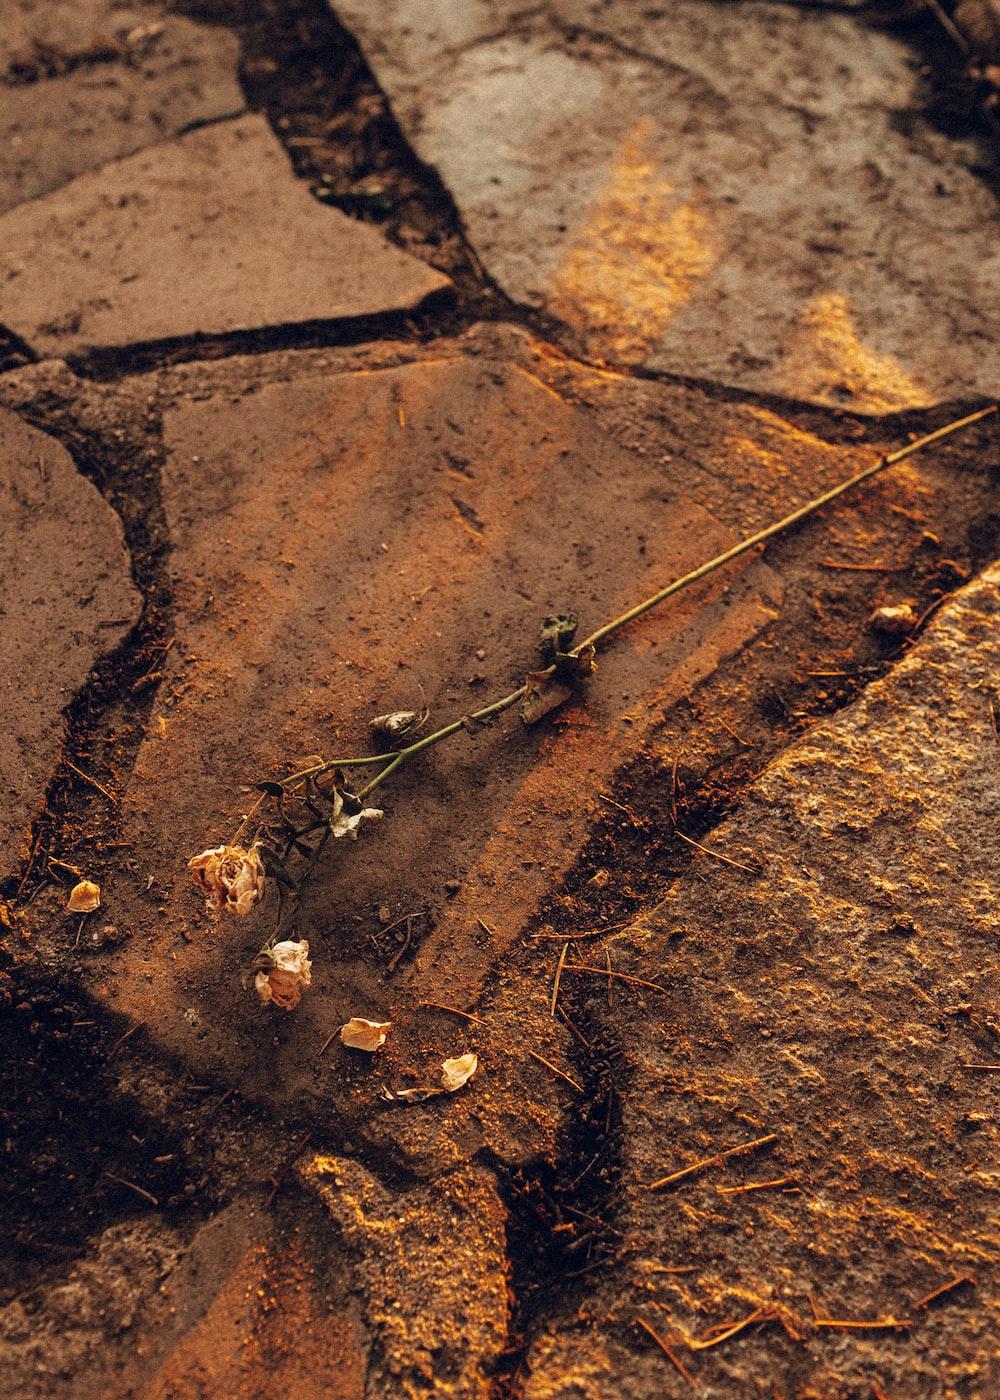 brown dried leaves on brown soil